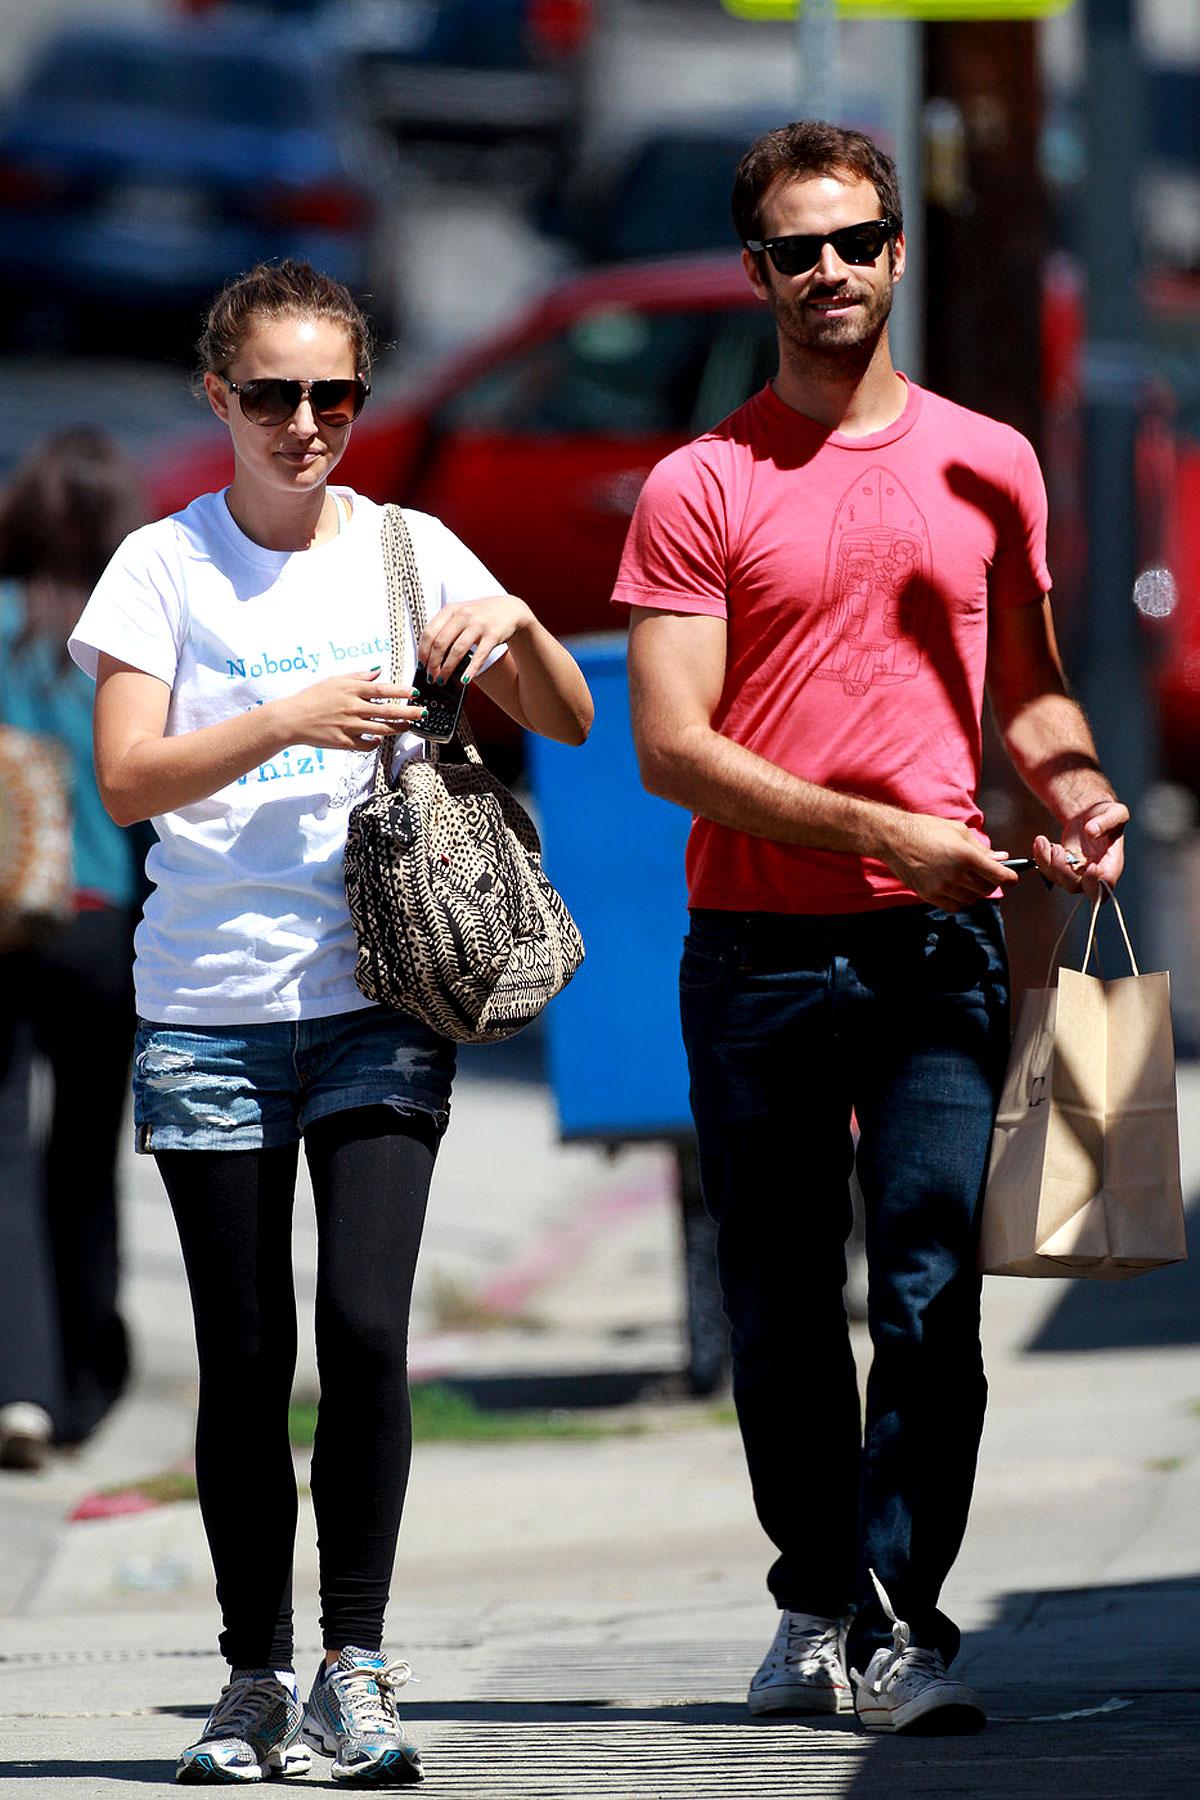 Natalie Portman Shops with Dancer BF (PHOTOS)